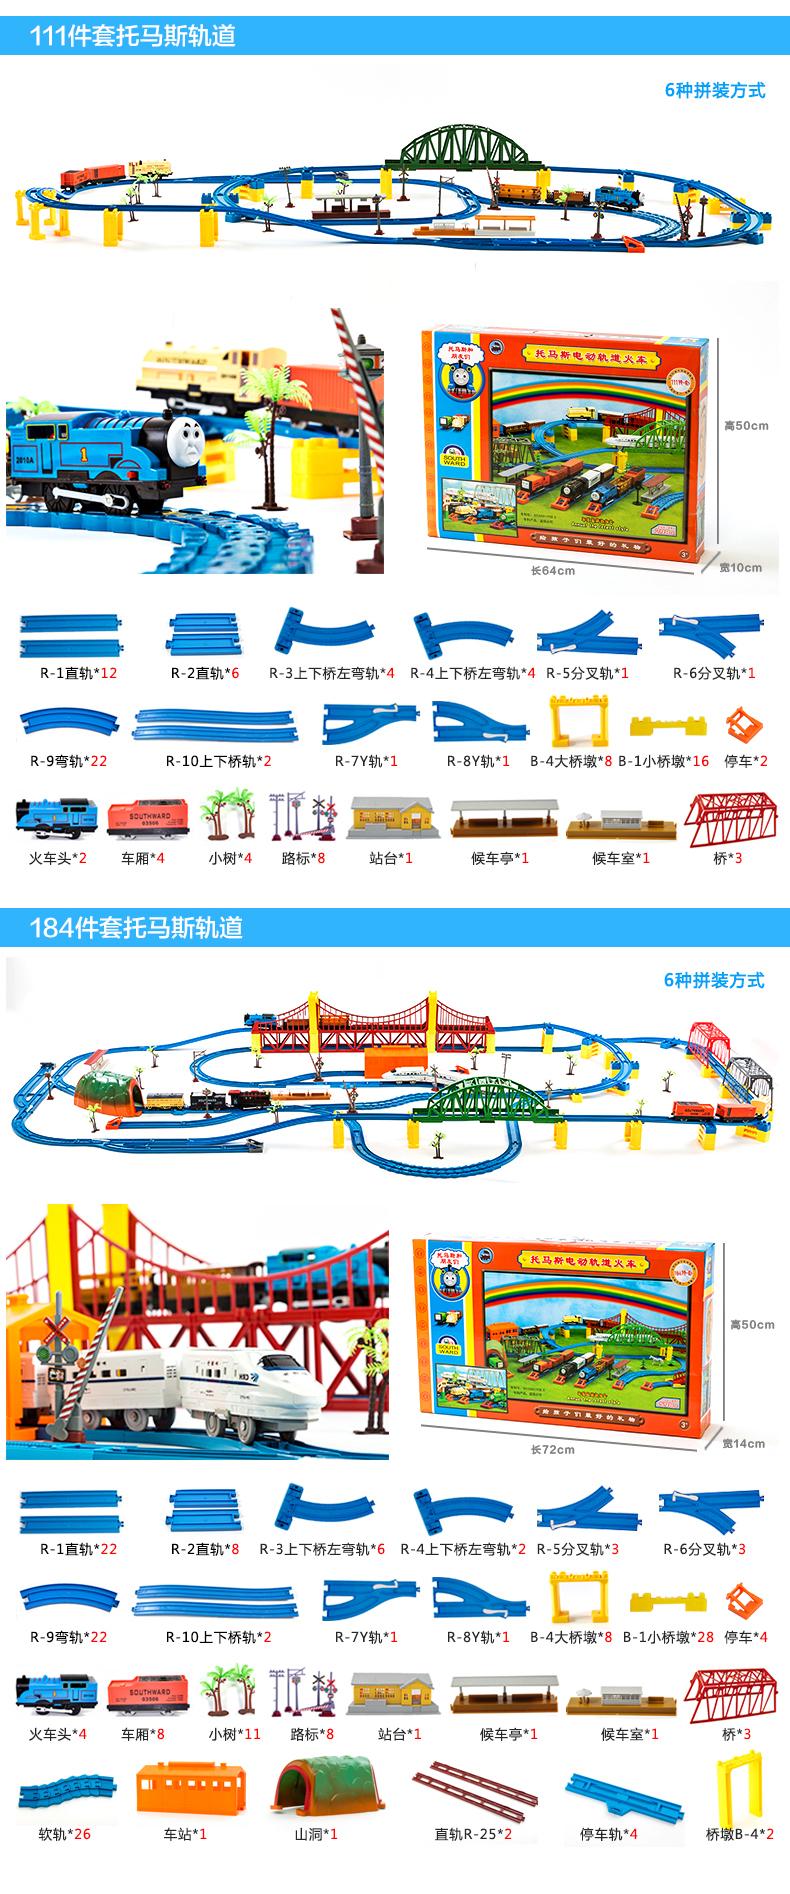 托马斯小火车轨道套装儿童玩具超大电动音乐轨道小火车男孩玩具